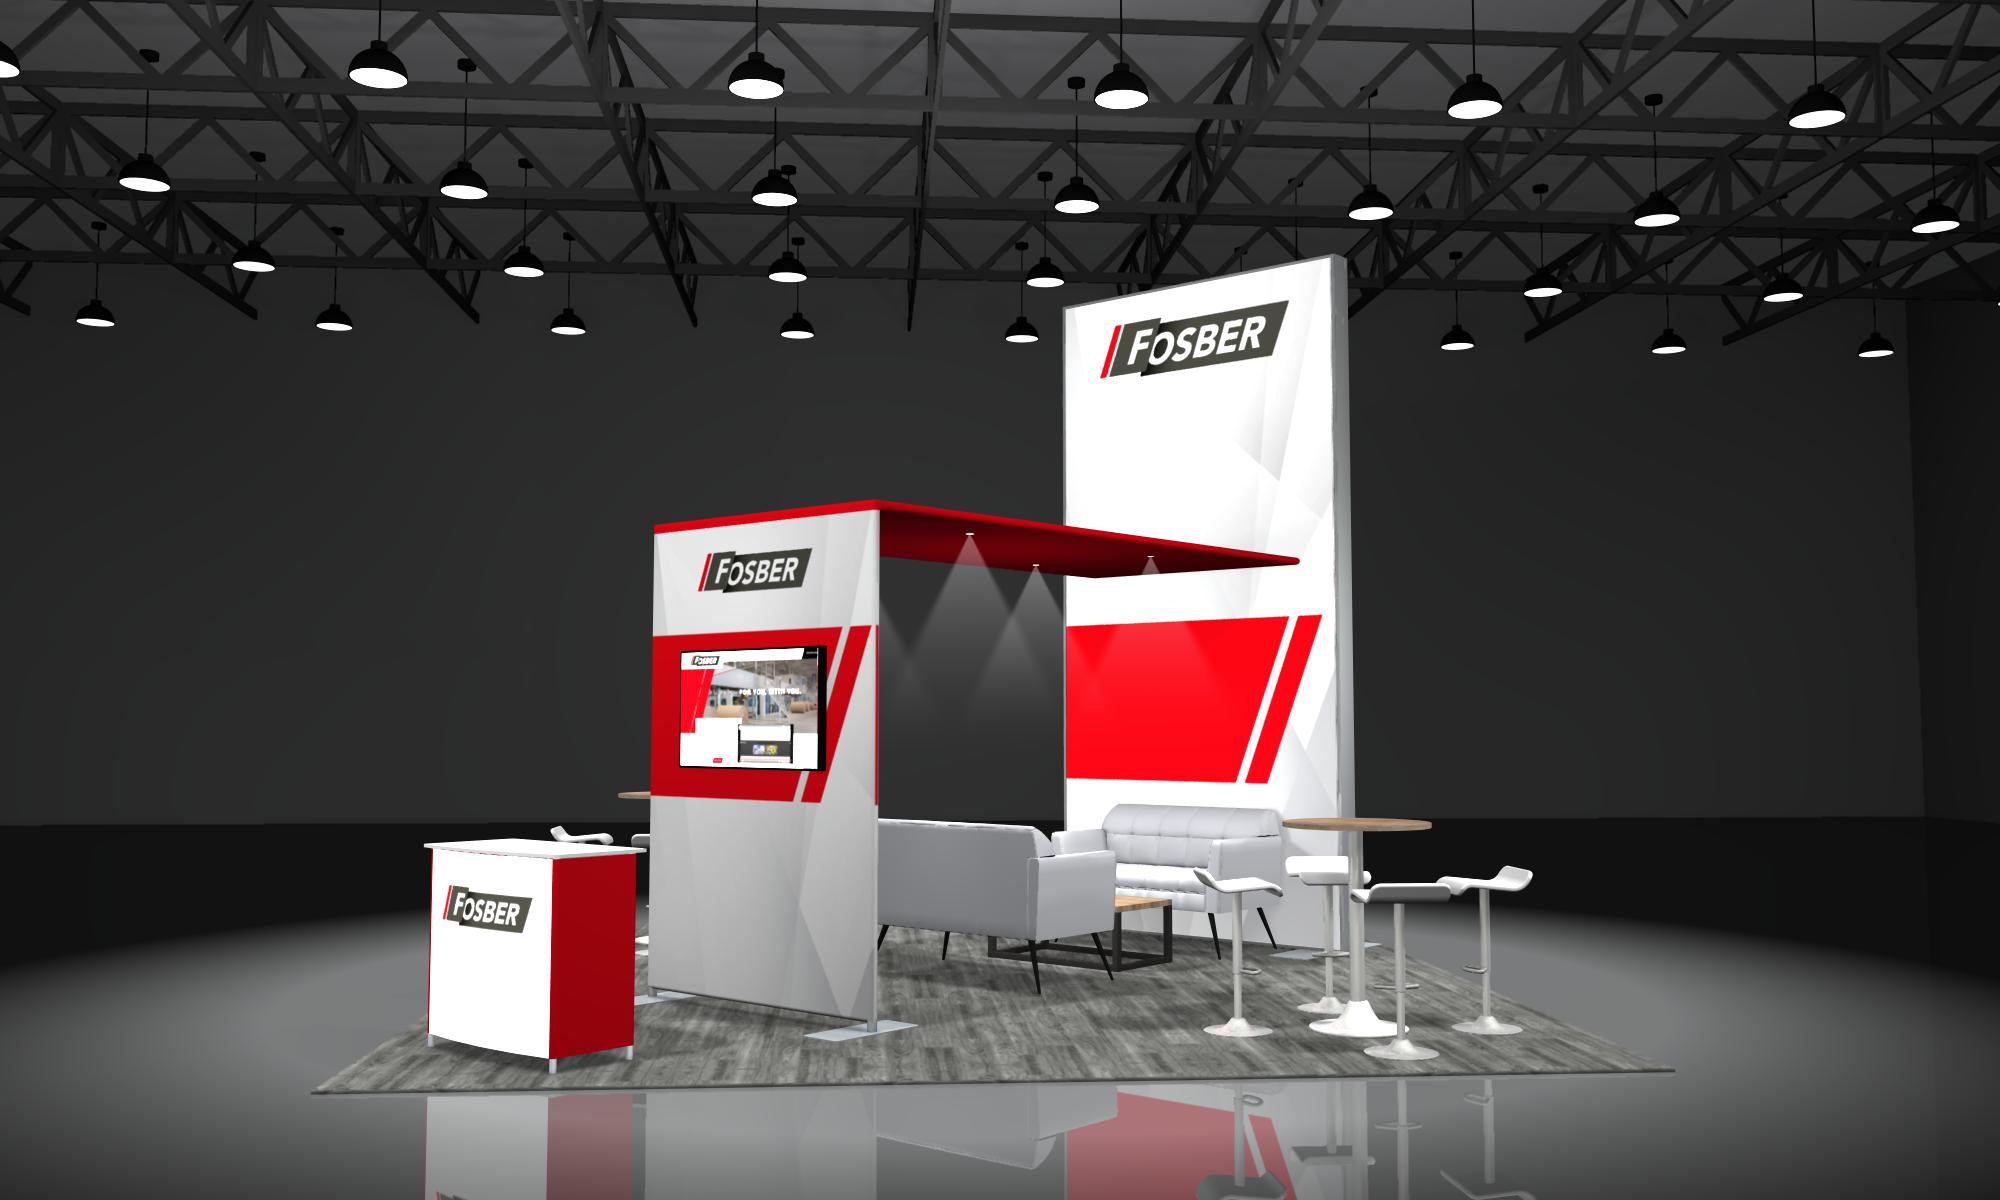 modular 20x20 trade show displays